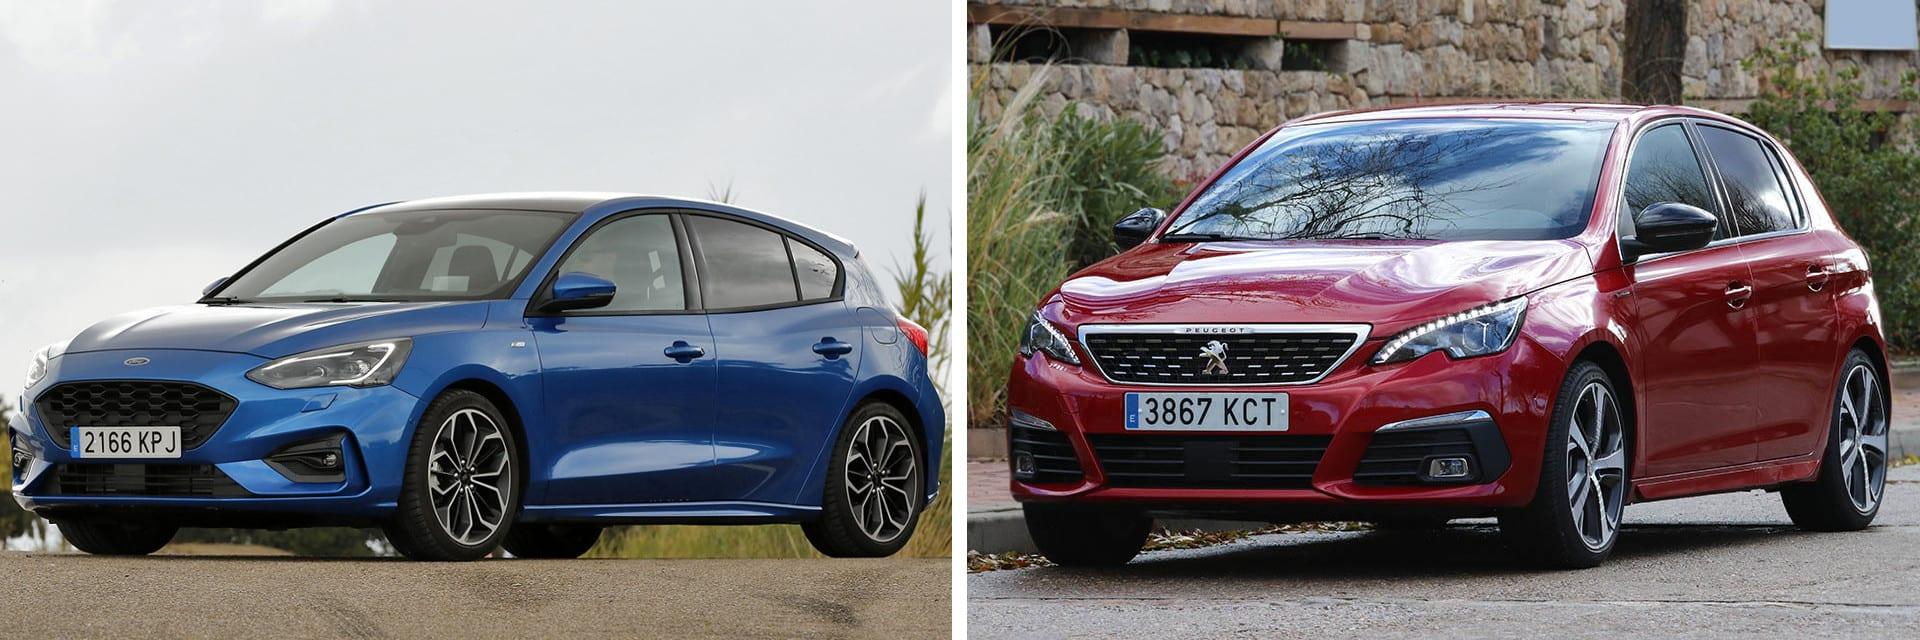 El Peugeot 308 (dcha.) tiene mejores cualidades dinámicas que el Ford Focus (izq.)